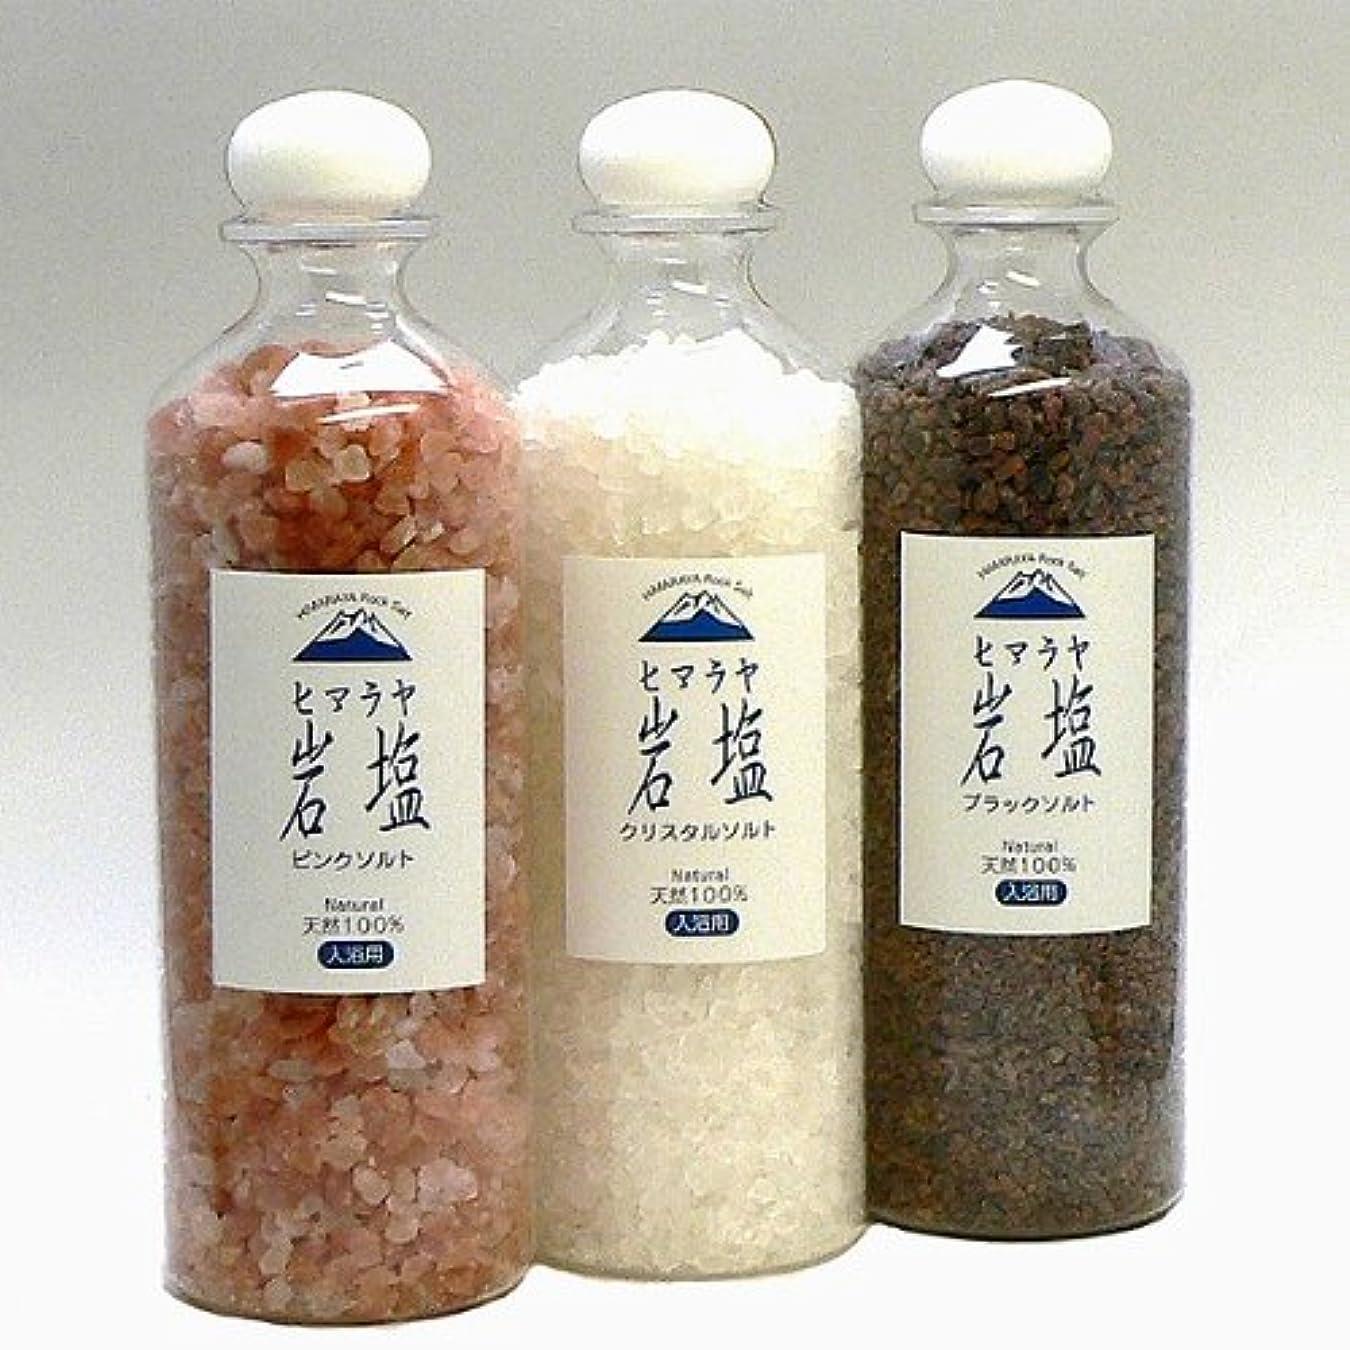 明確なレンジコンピューターを使用するヒマラヤ岩塩(ピンク岩塩?クリスタル岩塩?ブラック岩塩)入浴用(小粒)ボトル入りセット